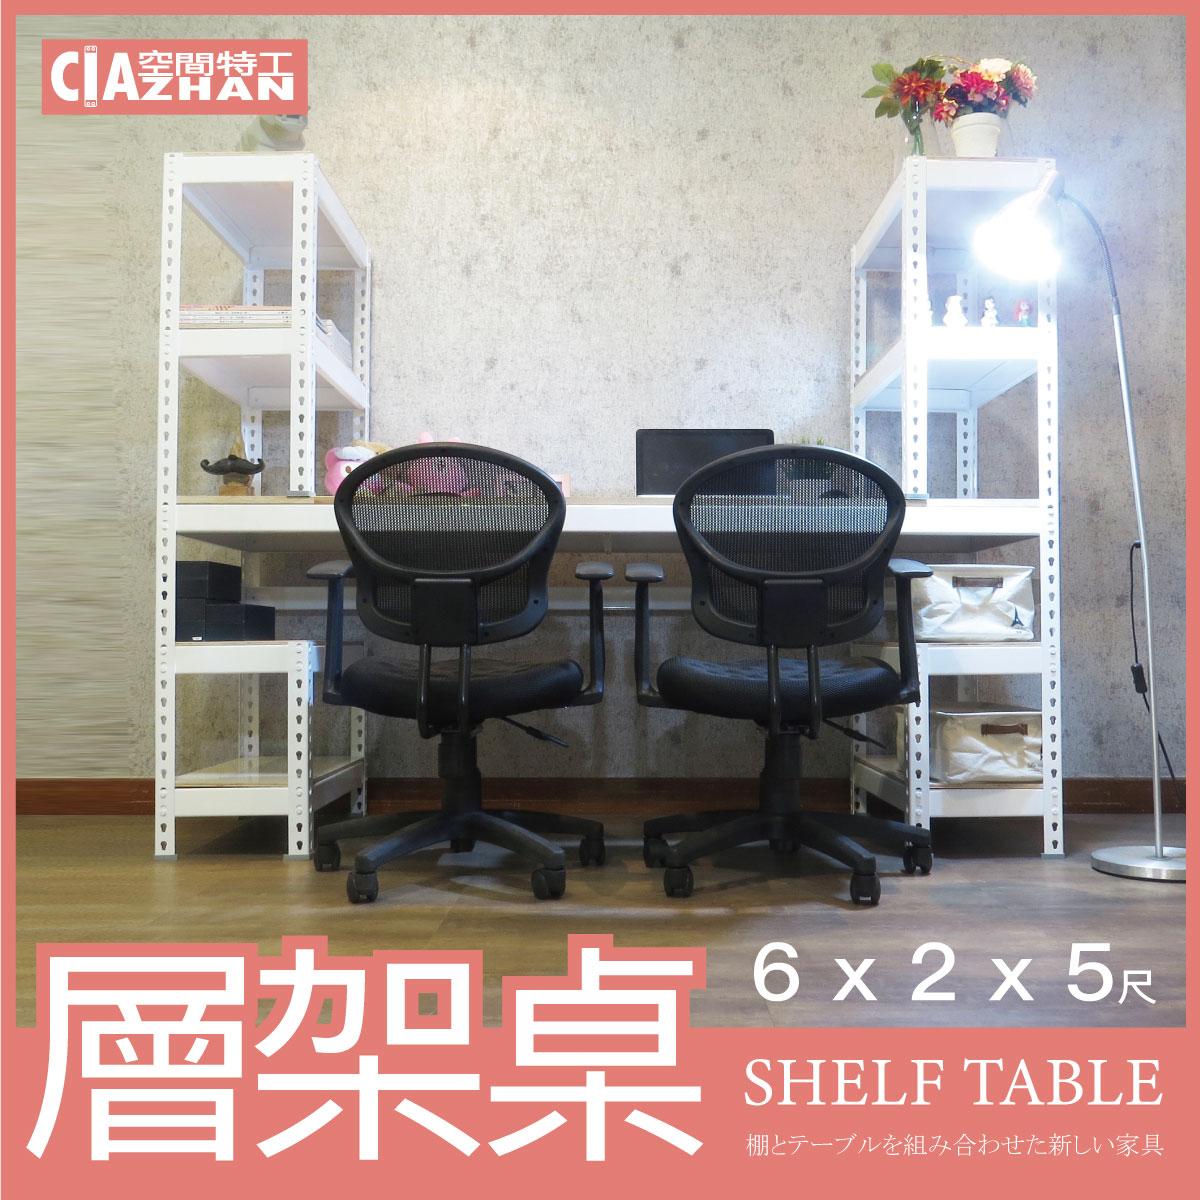 辦公桌 工作桌 免螺絲角鋼 H型雙向  白色層架 書桌 (180x60x150cm) 空間特工【STW6210】 0